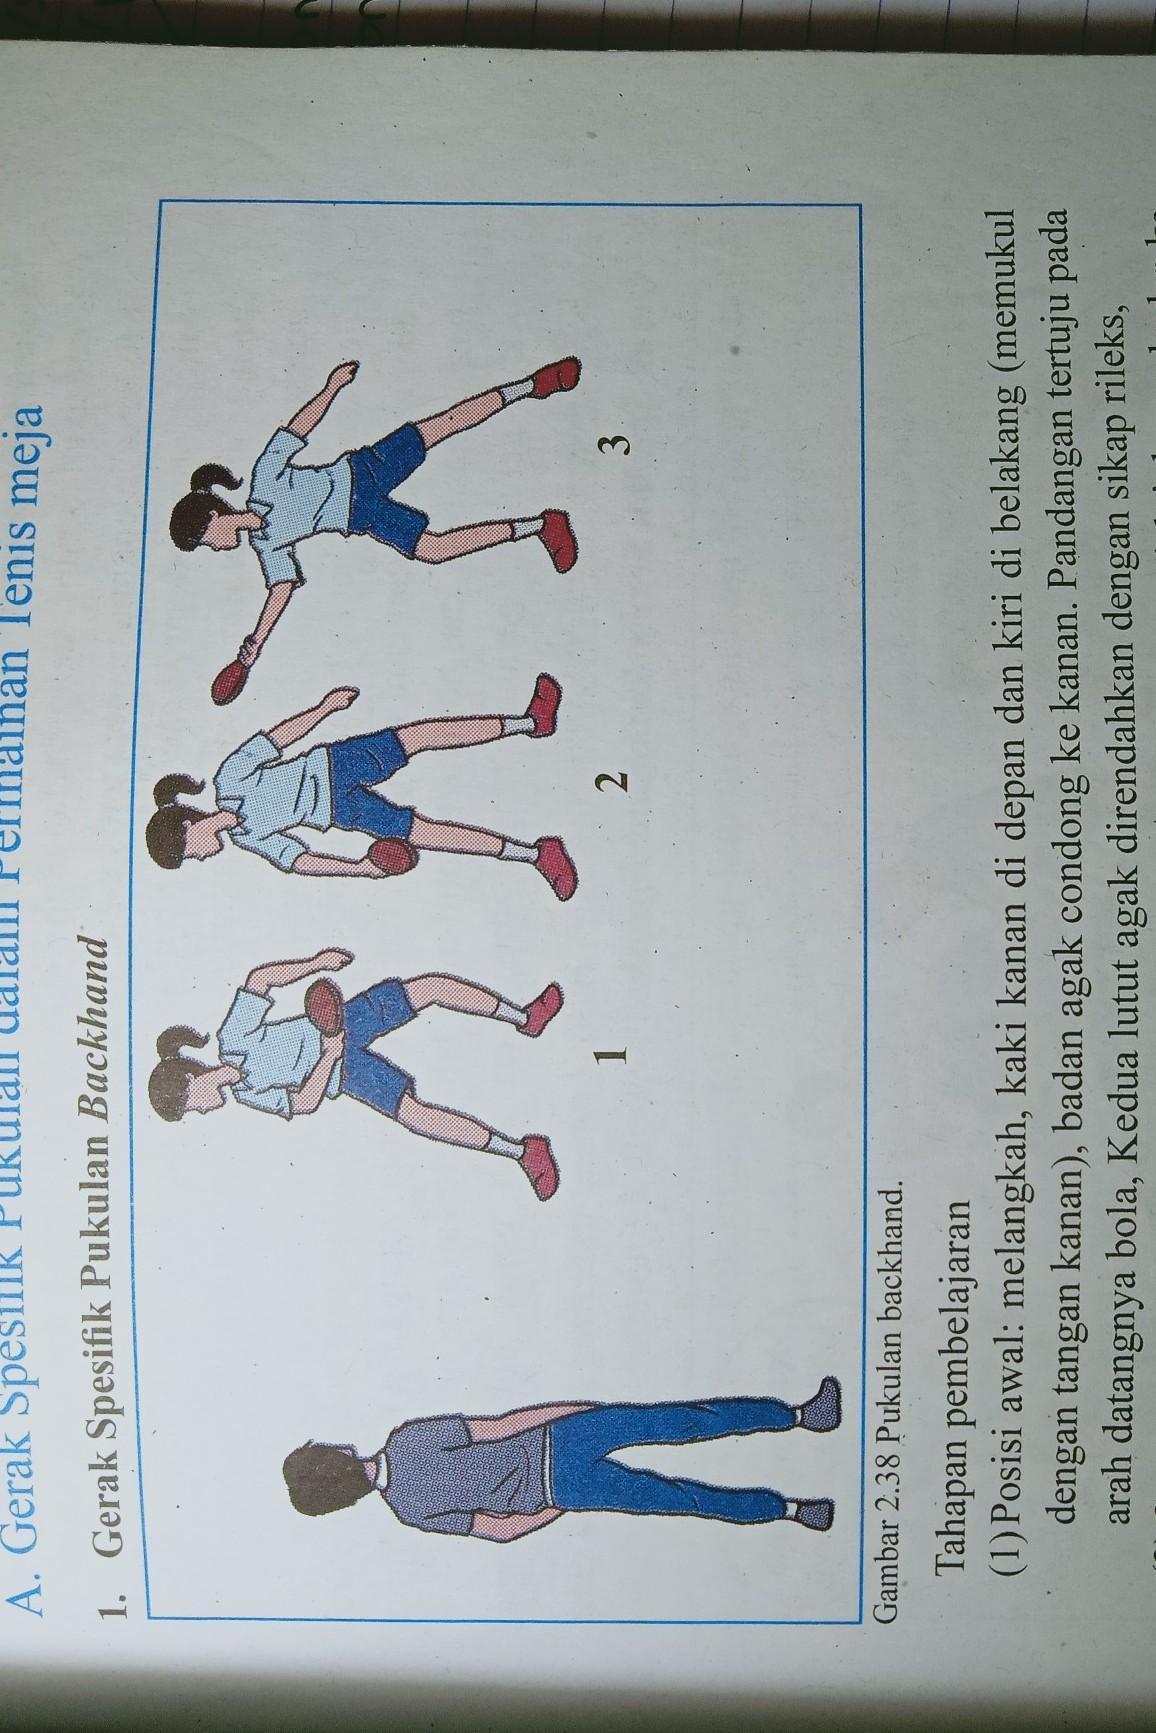 Perkenaan Bet Pada Bola Saat Melakukan Pukulan Back Hand : perkenaan, melakukan, pukulan, Posisi, Badan, Benar, Persiapan, Melakukan, Pukulan, Backhand, Permainan, Tenis, Mudah